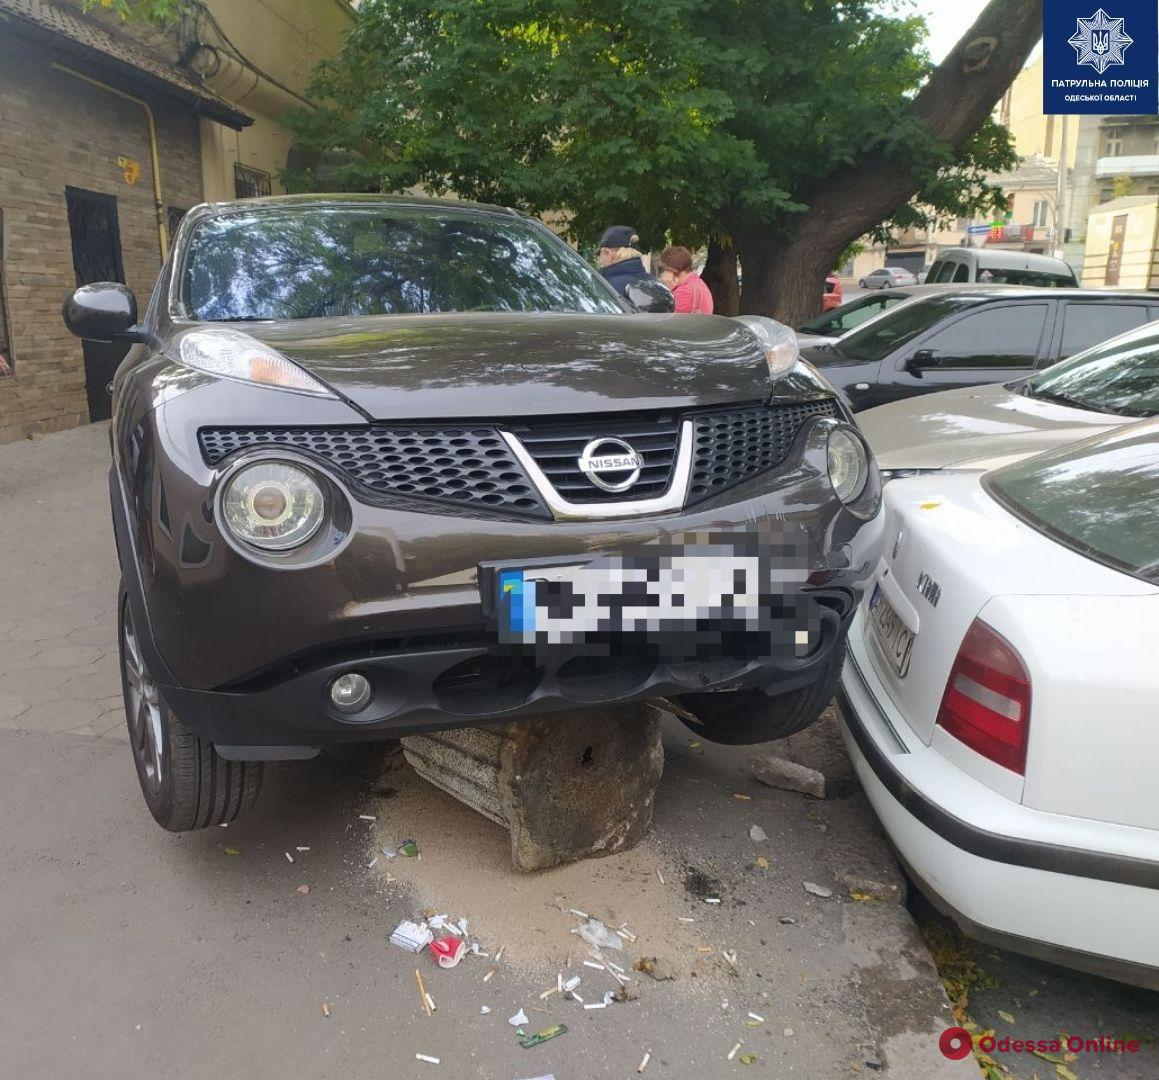 В центре Одессы кроссовер сбил женщину, паркуясь на тротуаре